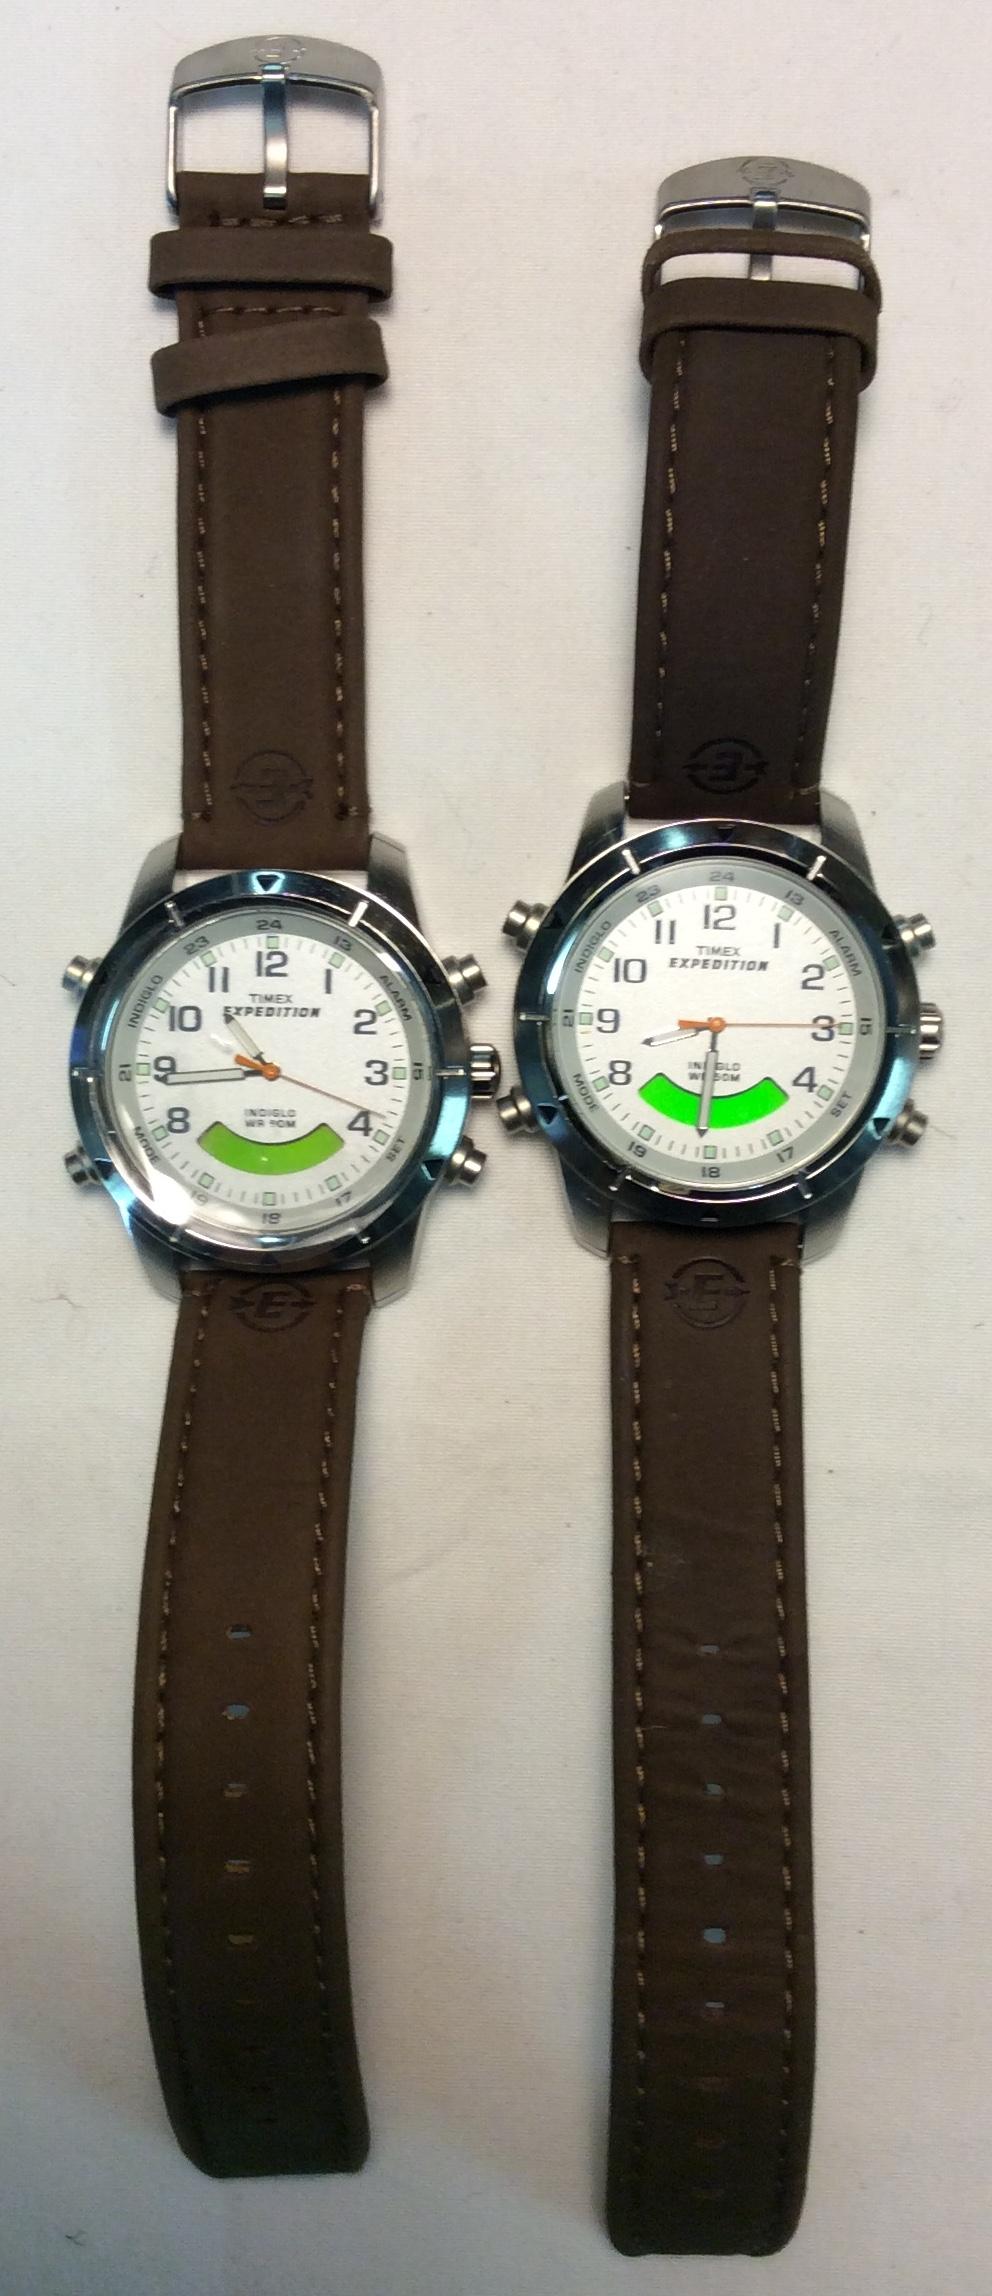 Timex Expedition watch - round